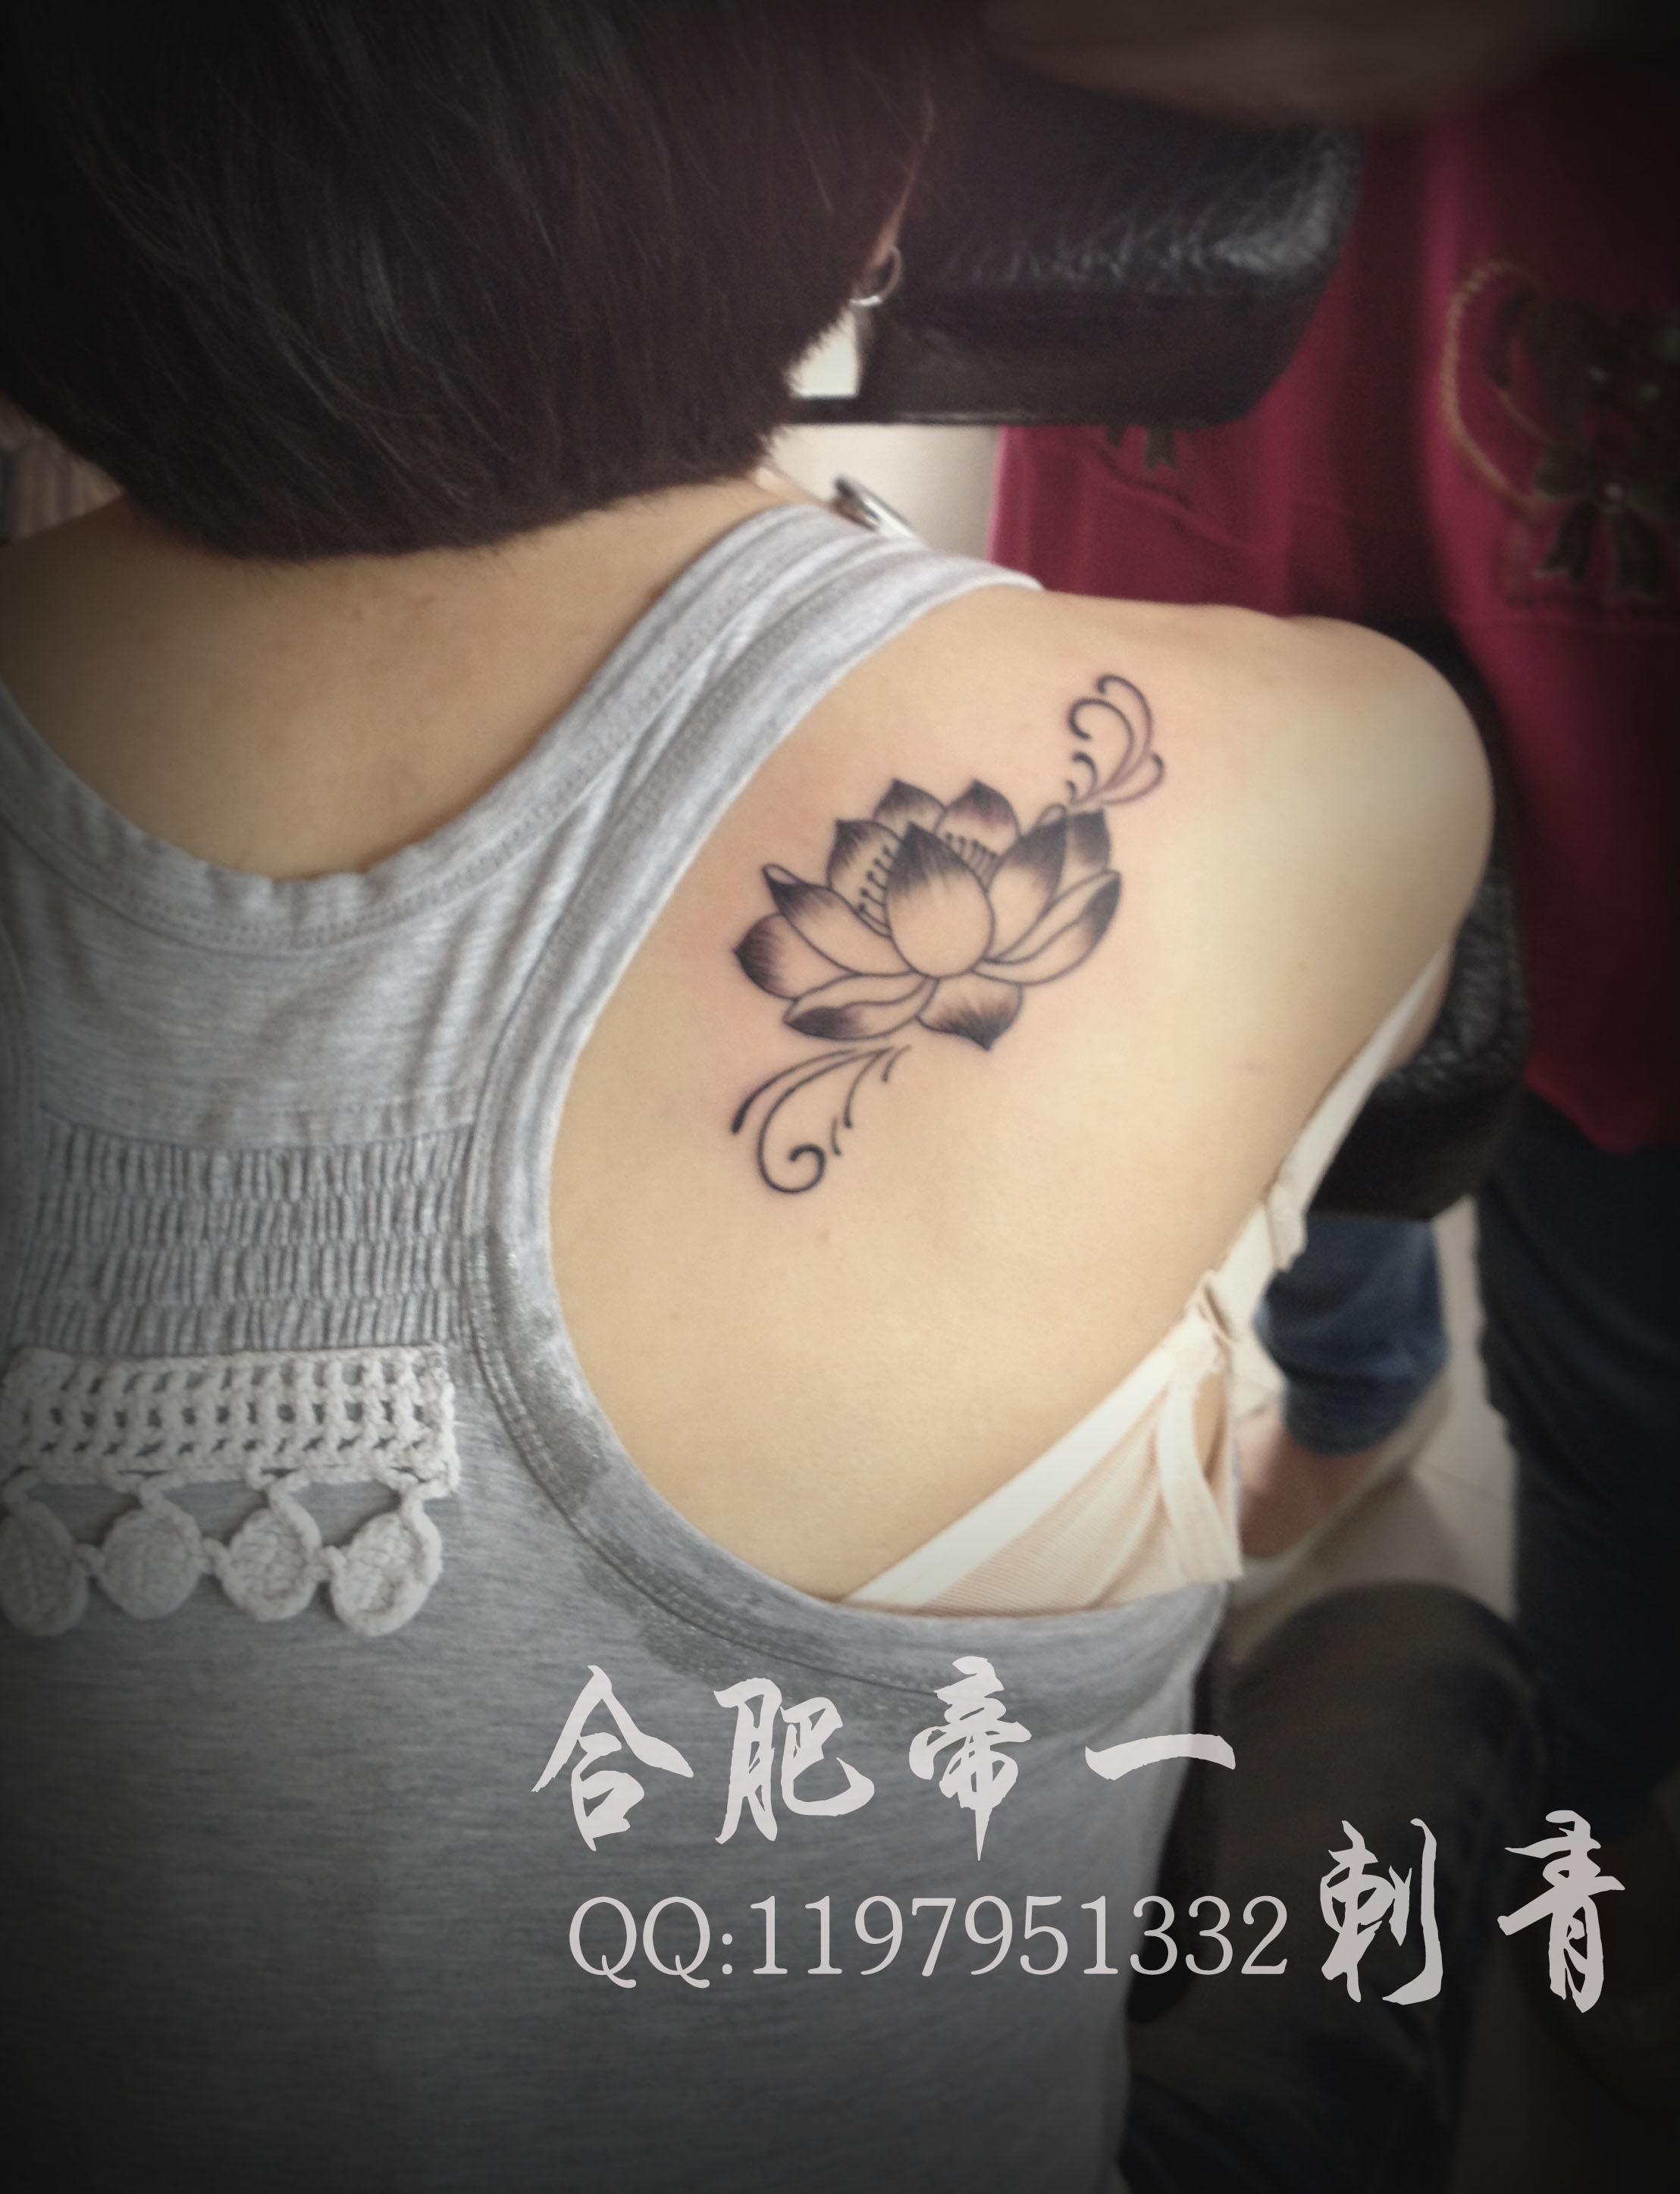 合肥帝一纹身店作品:后背荷花纹身